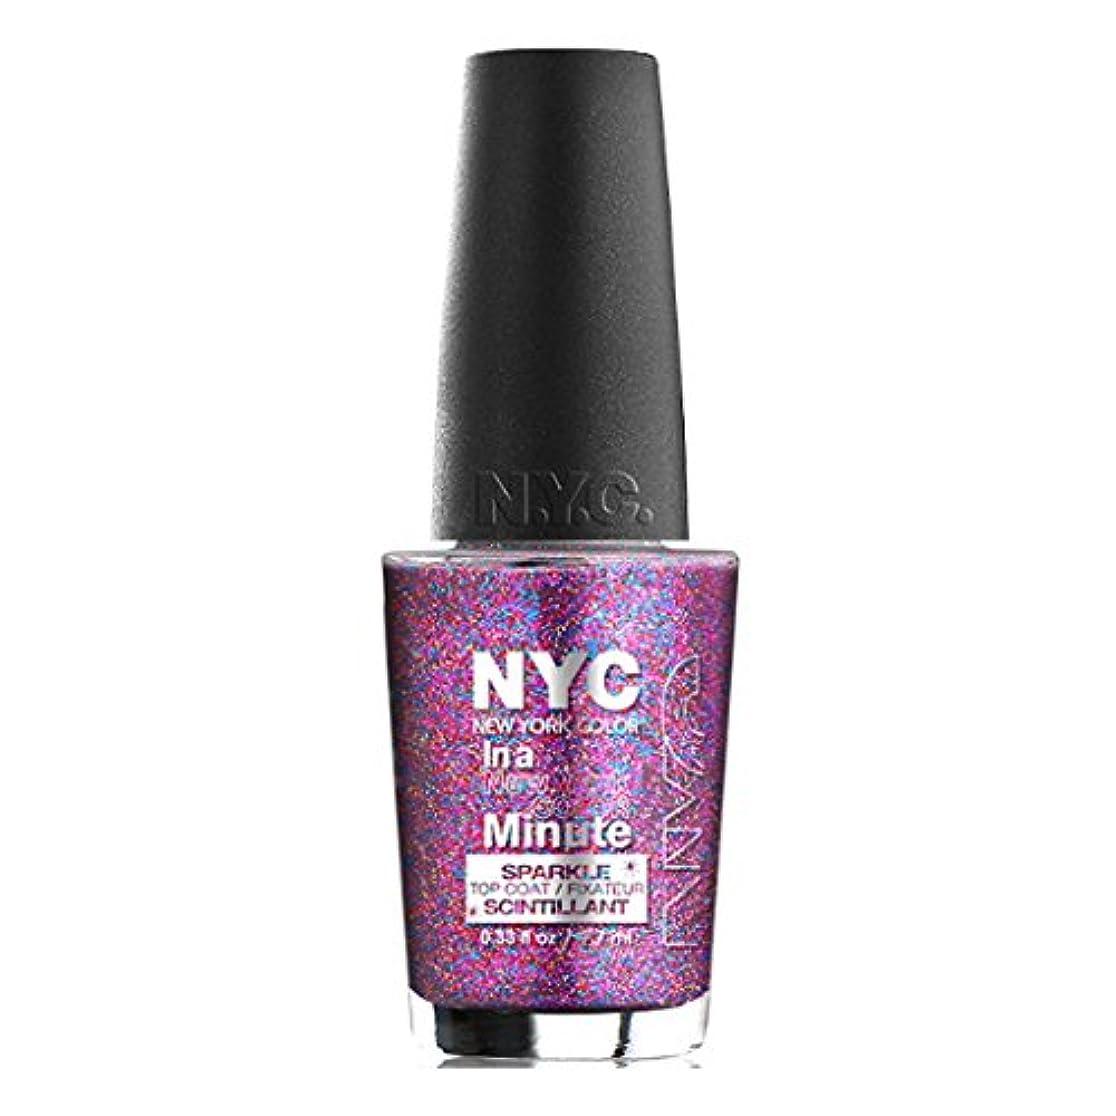 精神医学放棄するスパンNYC In A New York Color Minute Sparkle Top Coat Big City Dazzle (並行輸入品)